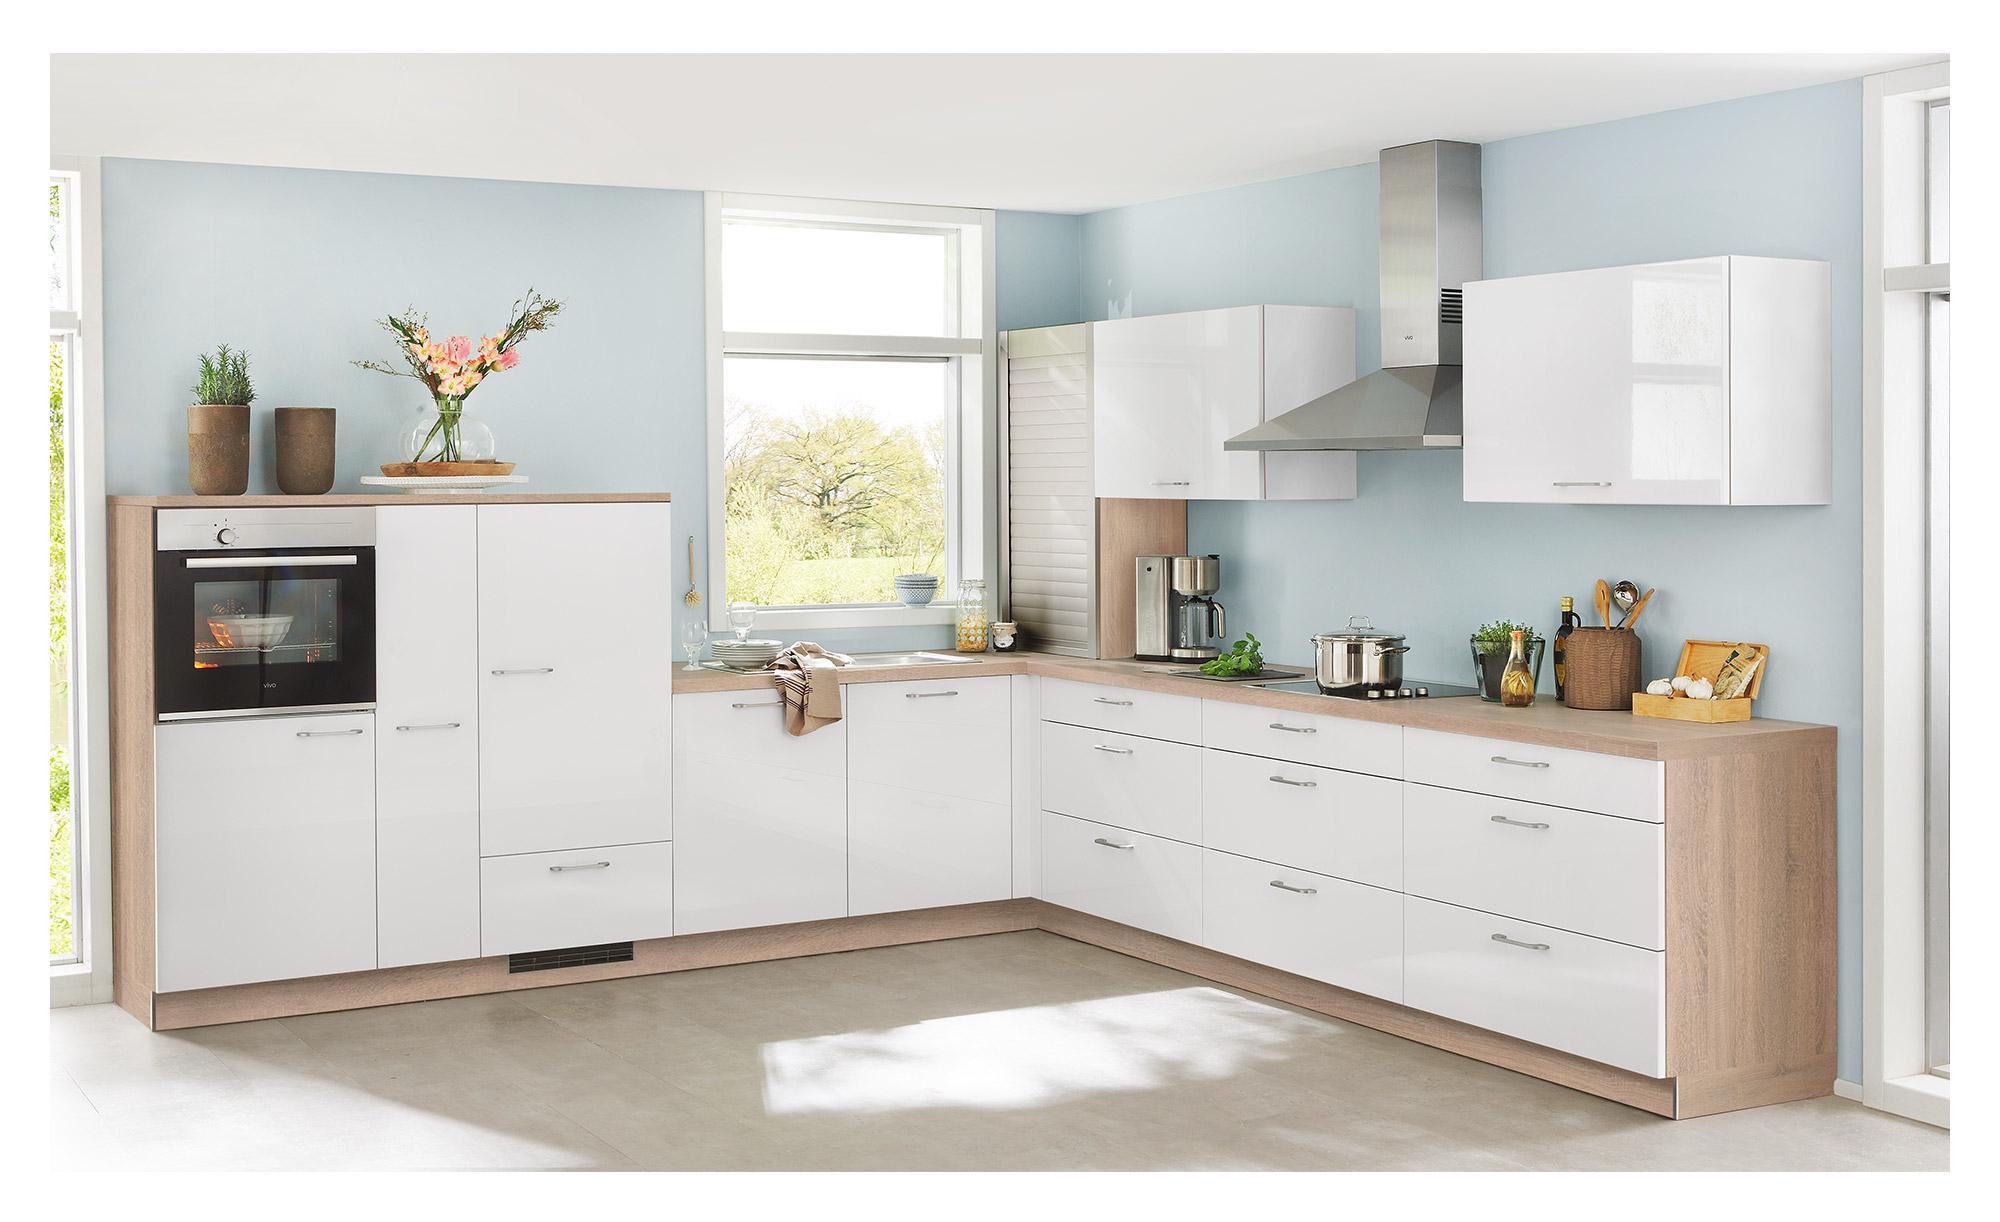 Nolte Winkelküche Lux – bei Möbel Heinrich kaufen!